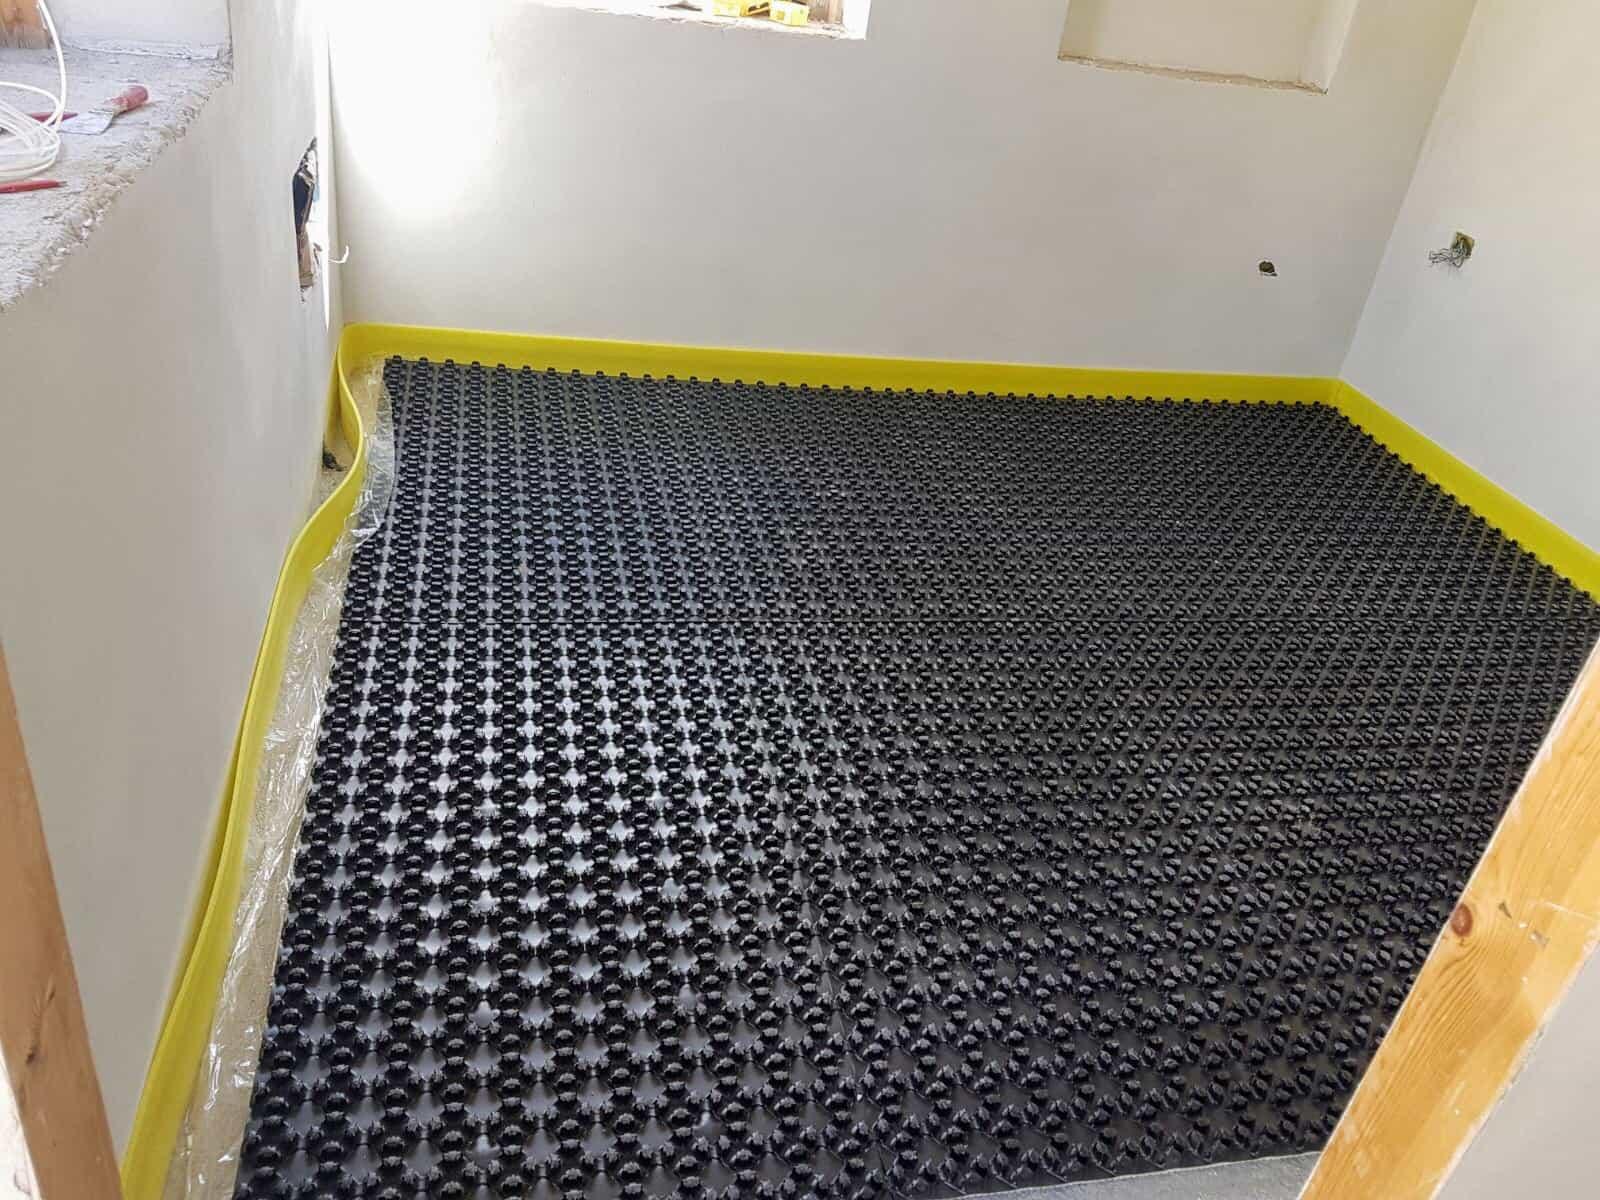 Underfloor Heating Base in Study